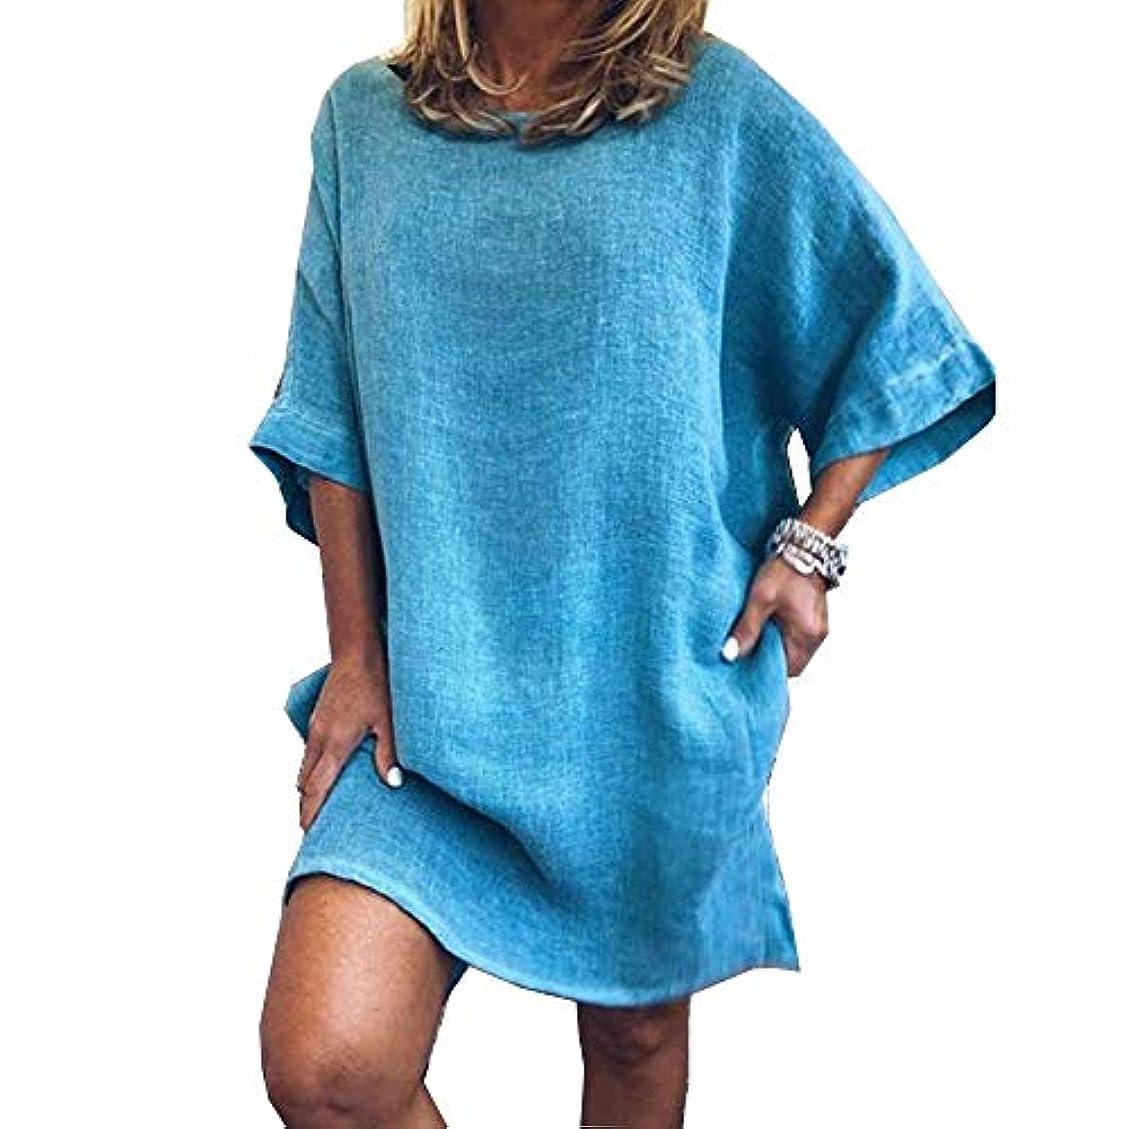 エミュレートするケニア加速するMIFAN サマードレス、ビーチドレス、ルーズドレス、プラスサイズ、リネンドレス、トップス&ブラウス、女性ドレス、カジュアルドレス